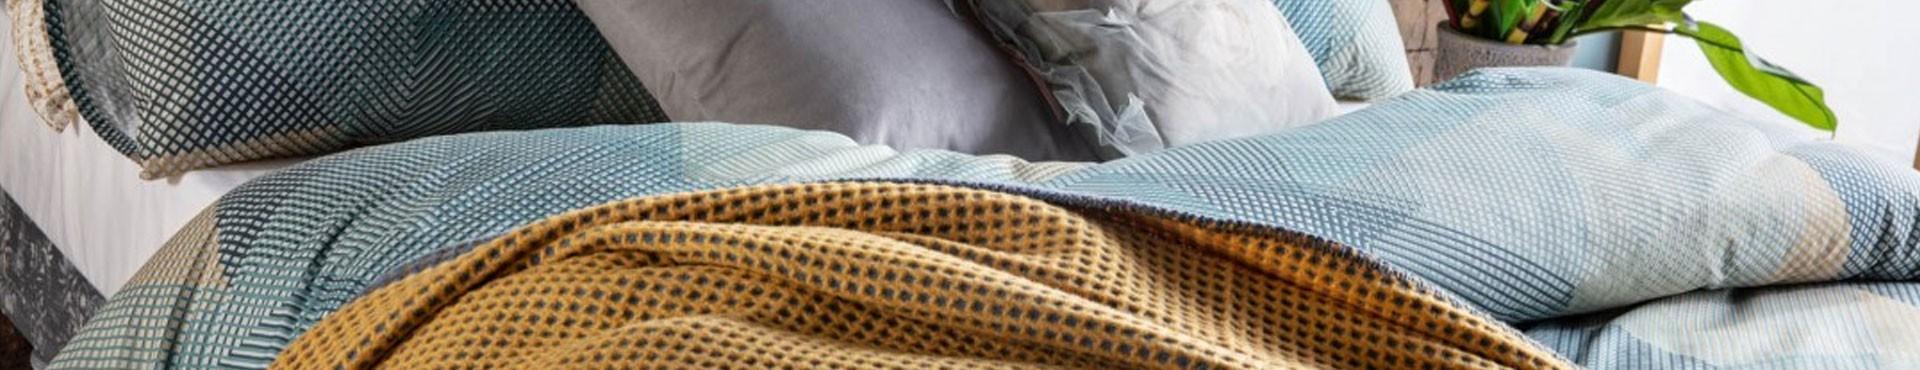 Cuverturi si Pături | Mobila de calitate Bellona